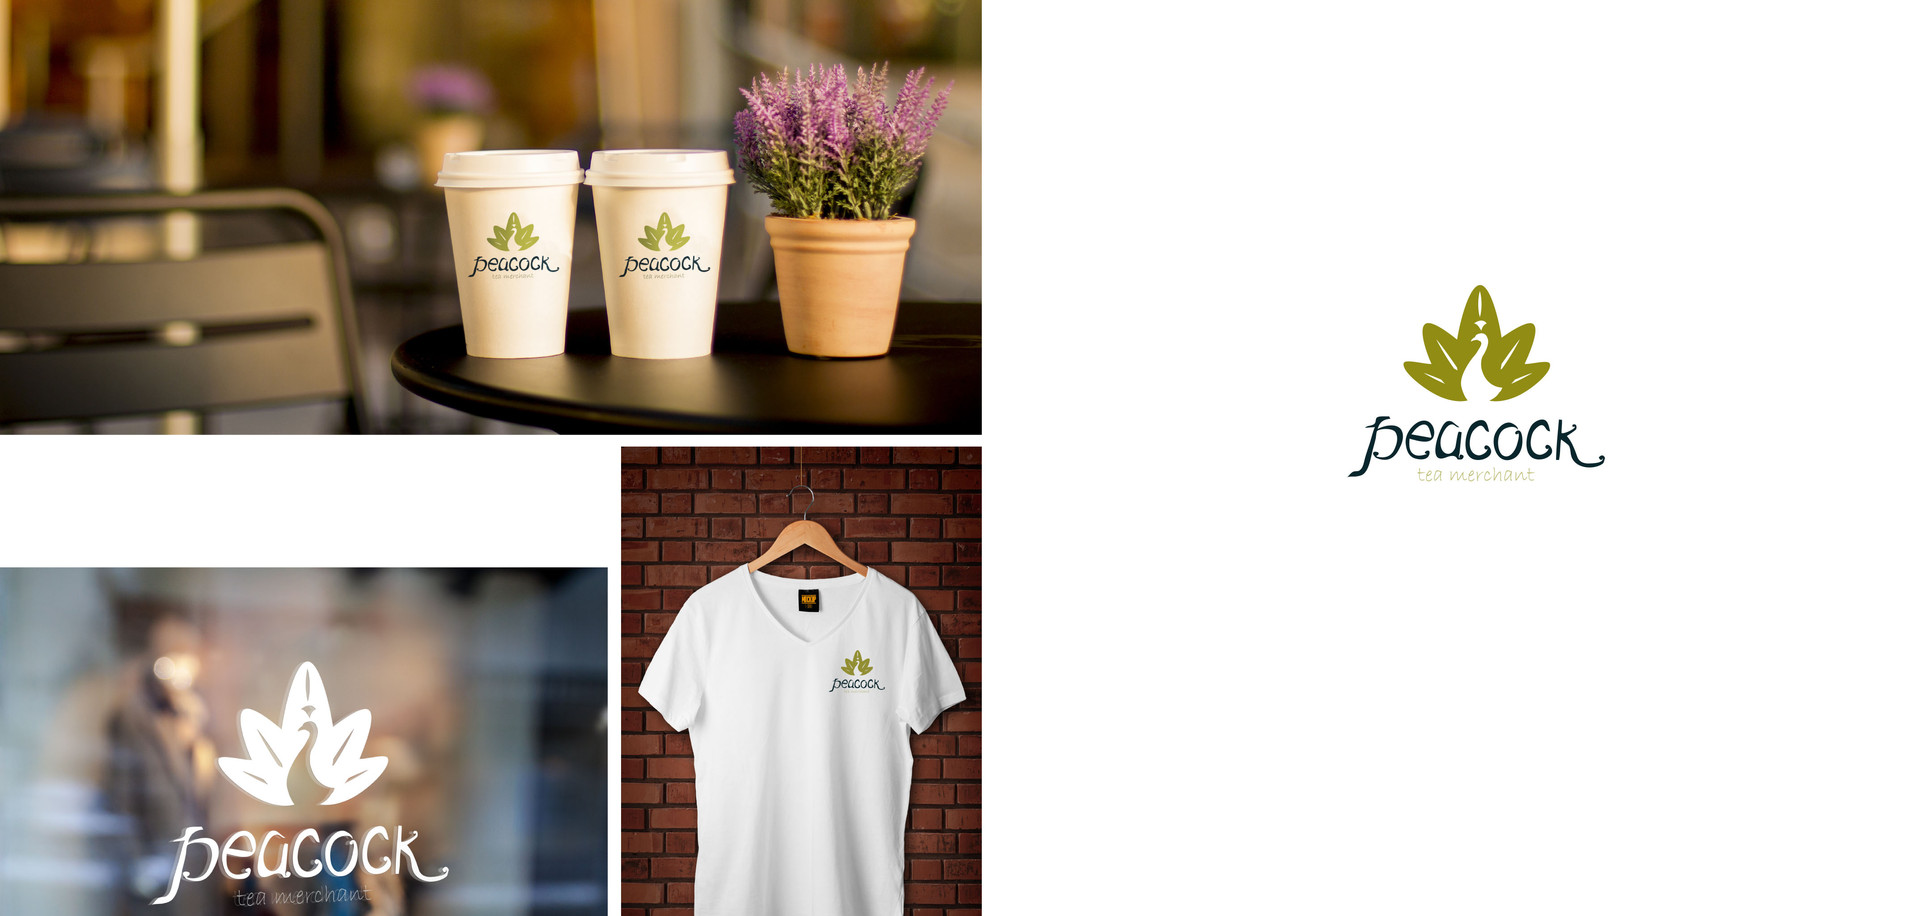 Concept logo design for a cafe and tea dispensary.